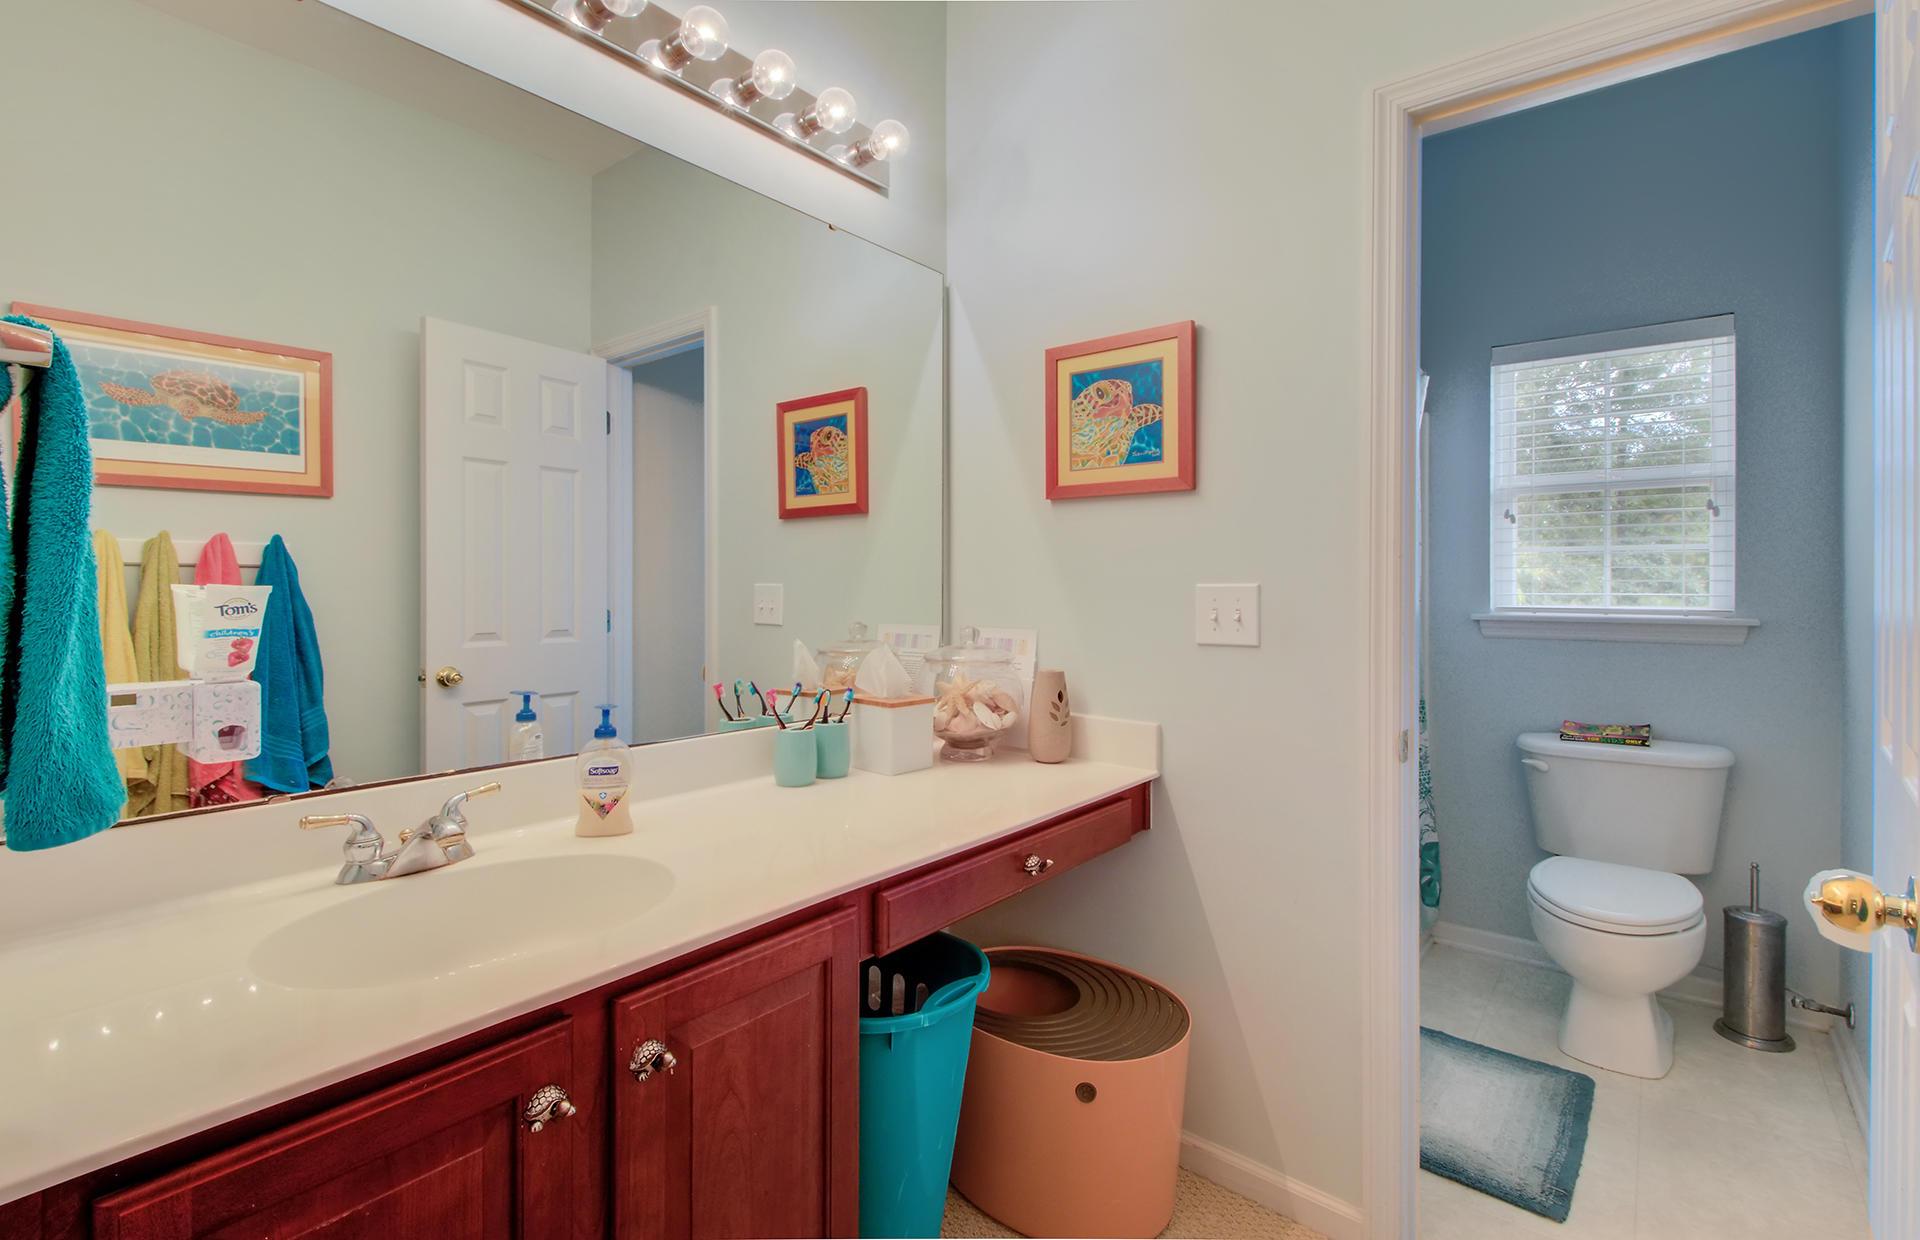 Park West Homes For Sale - 2500 Draymohr, Mount Pleasant, SC - 11